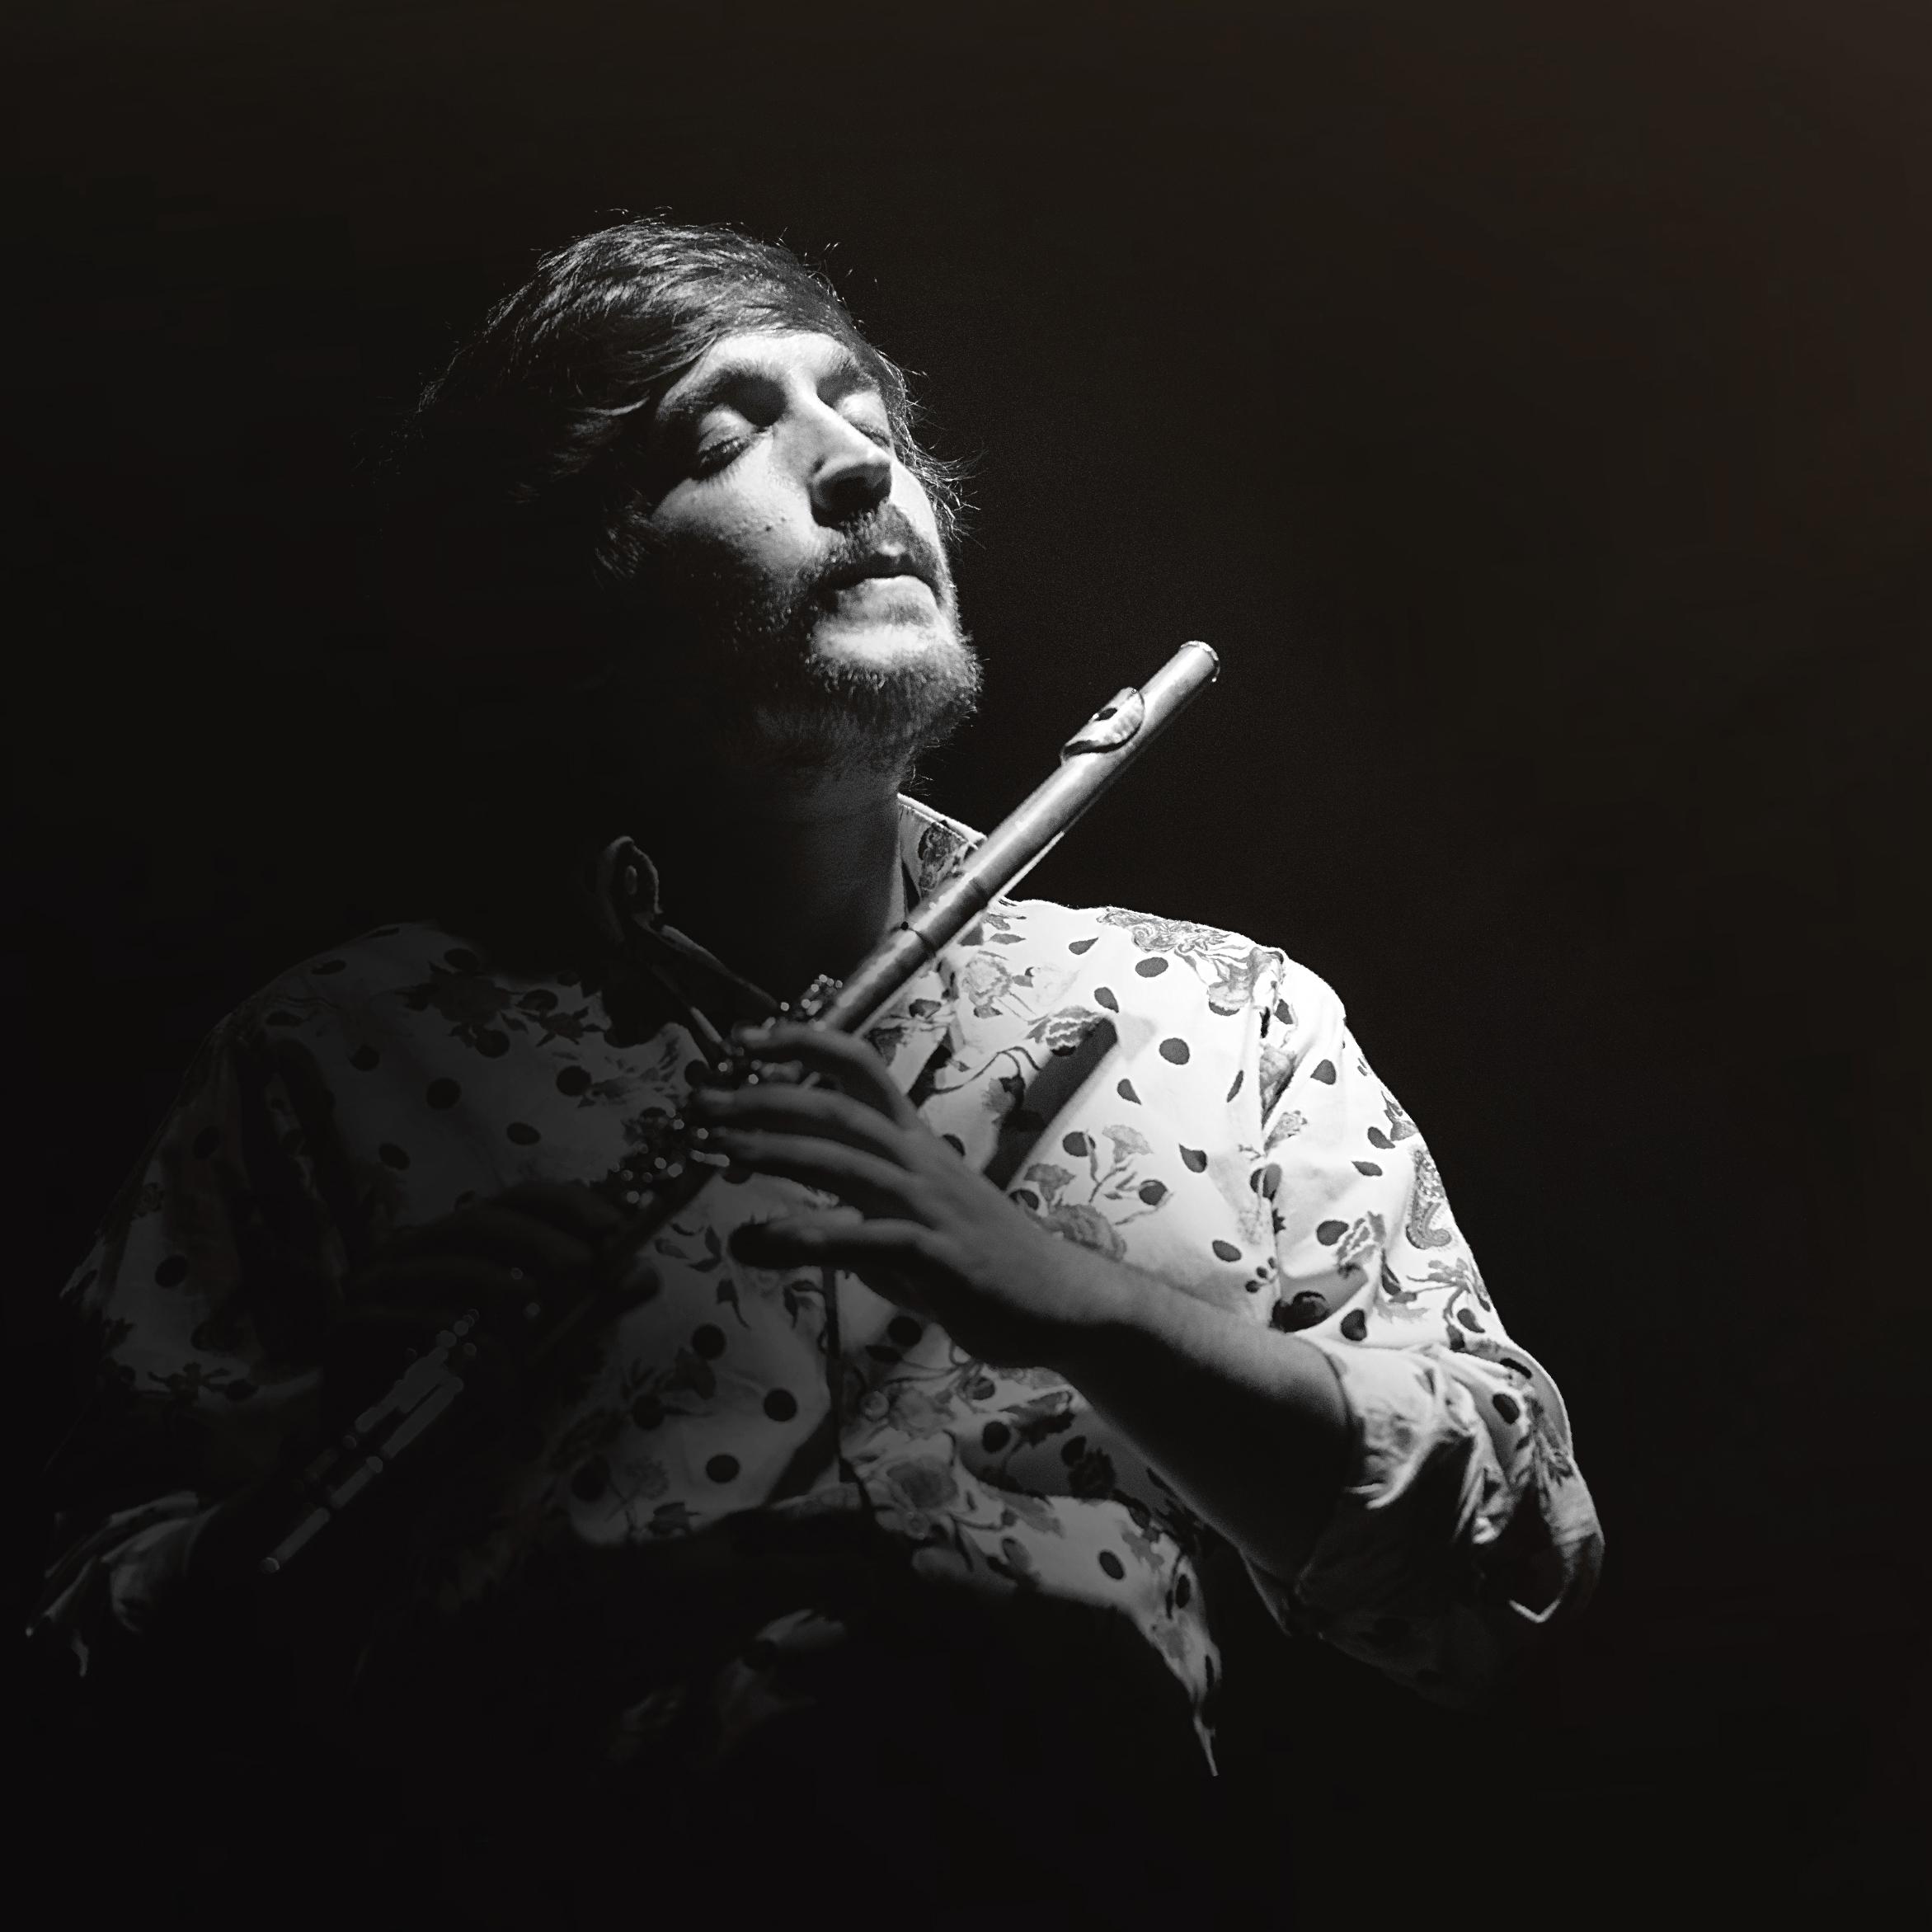 Sergio de Lope